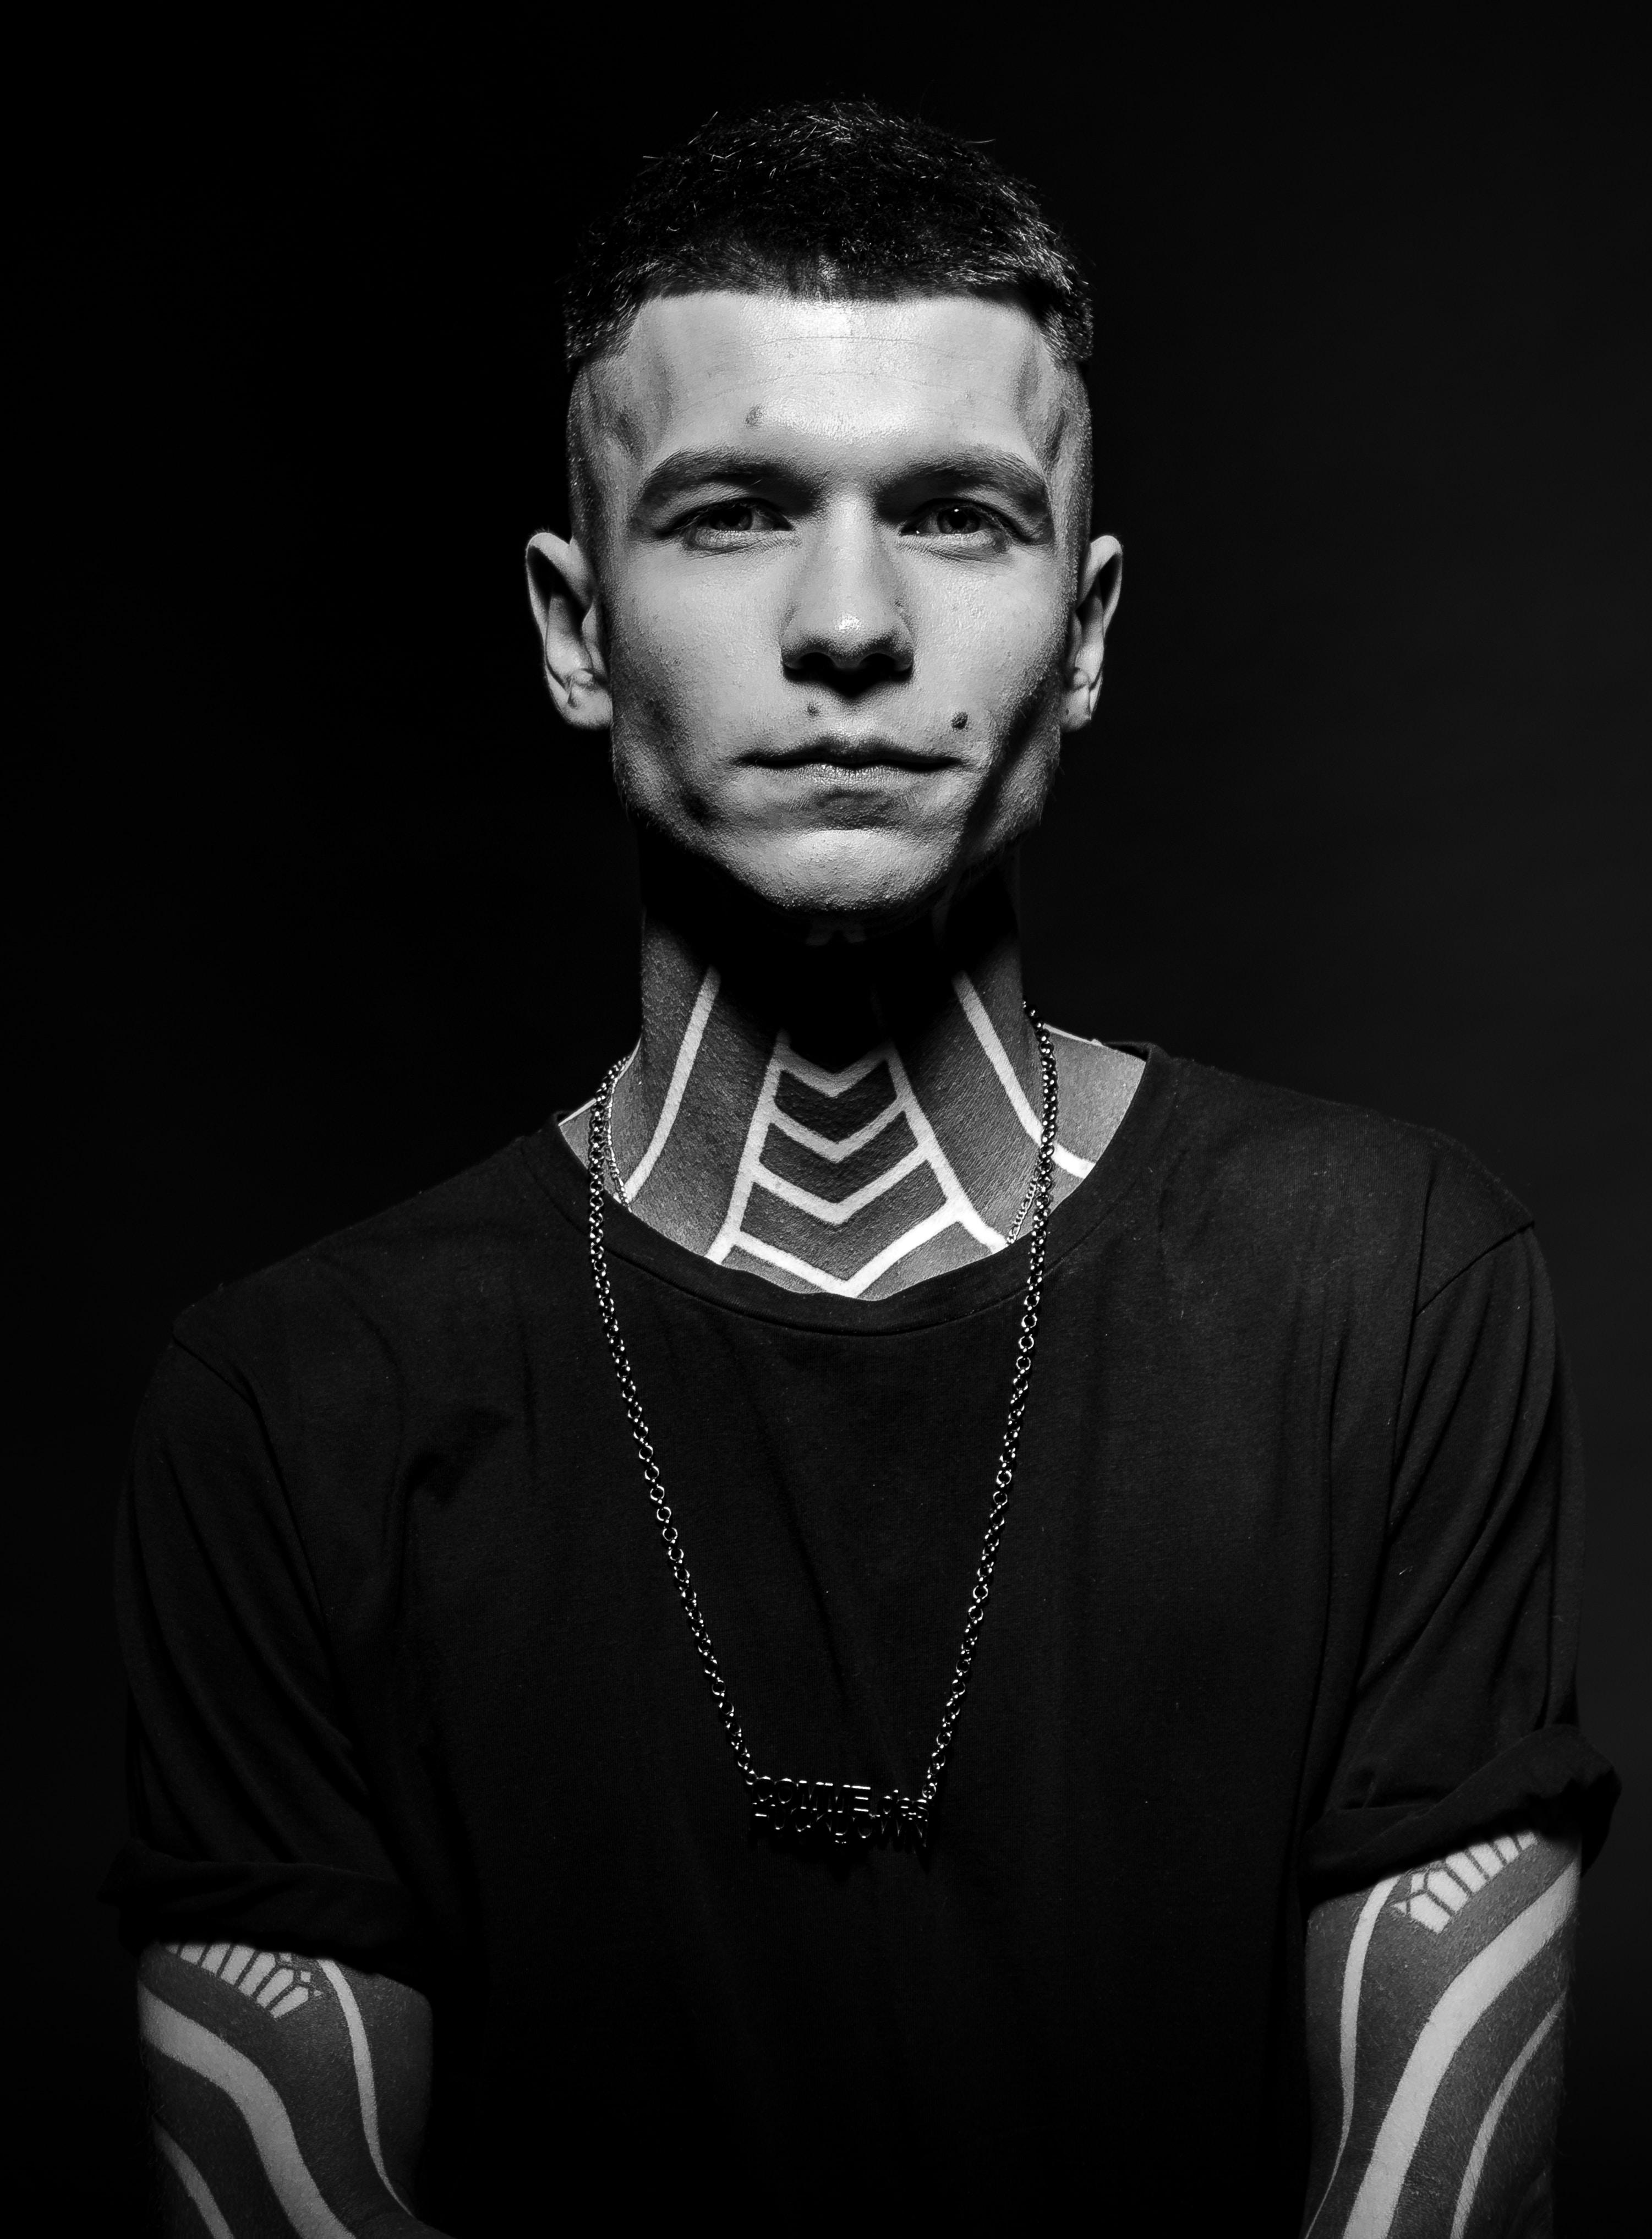 man wearing black crew-neck shirt